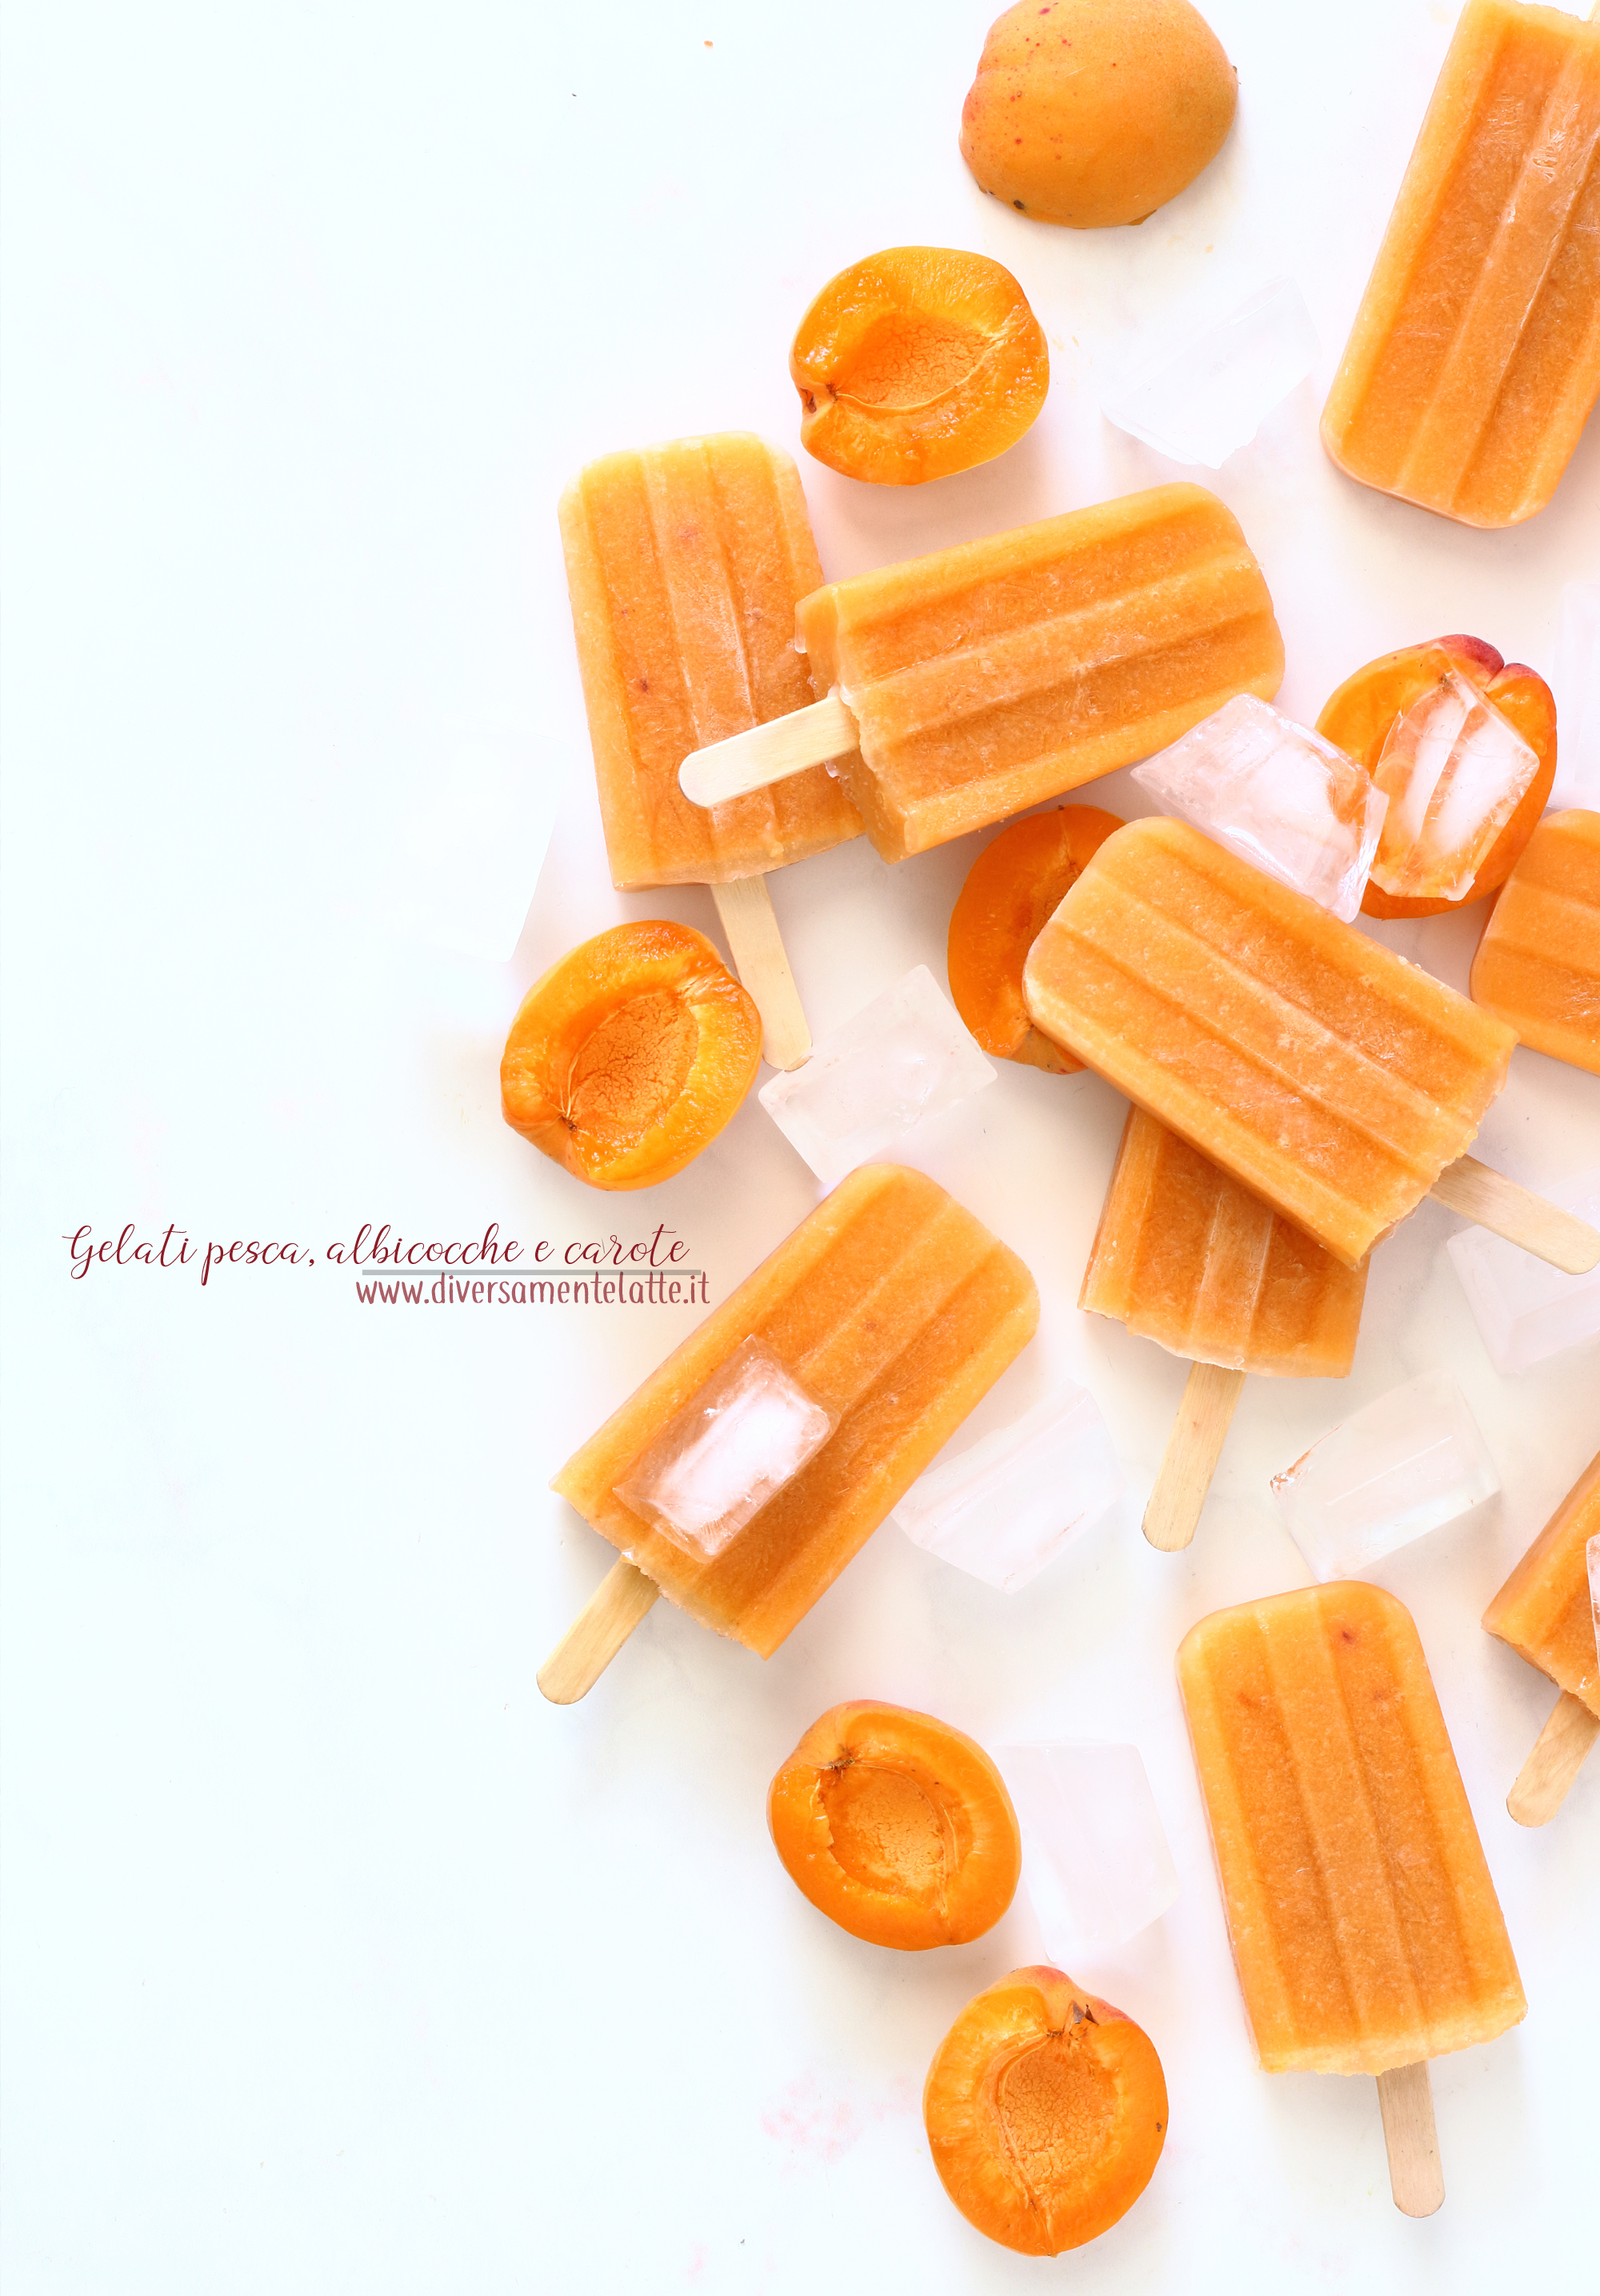 gelati pesca albicocche e carote